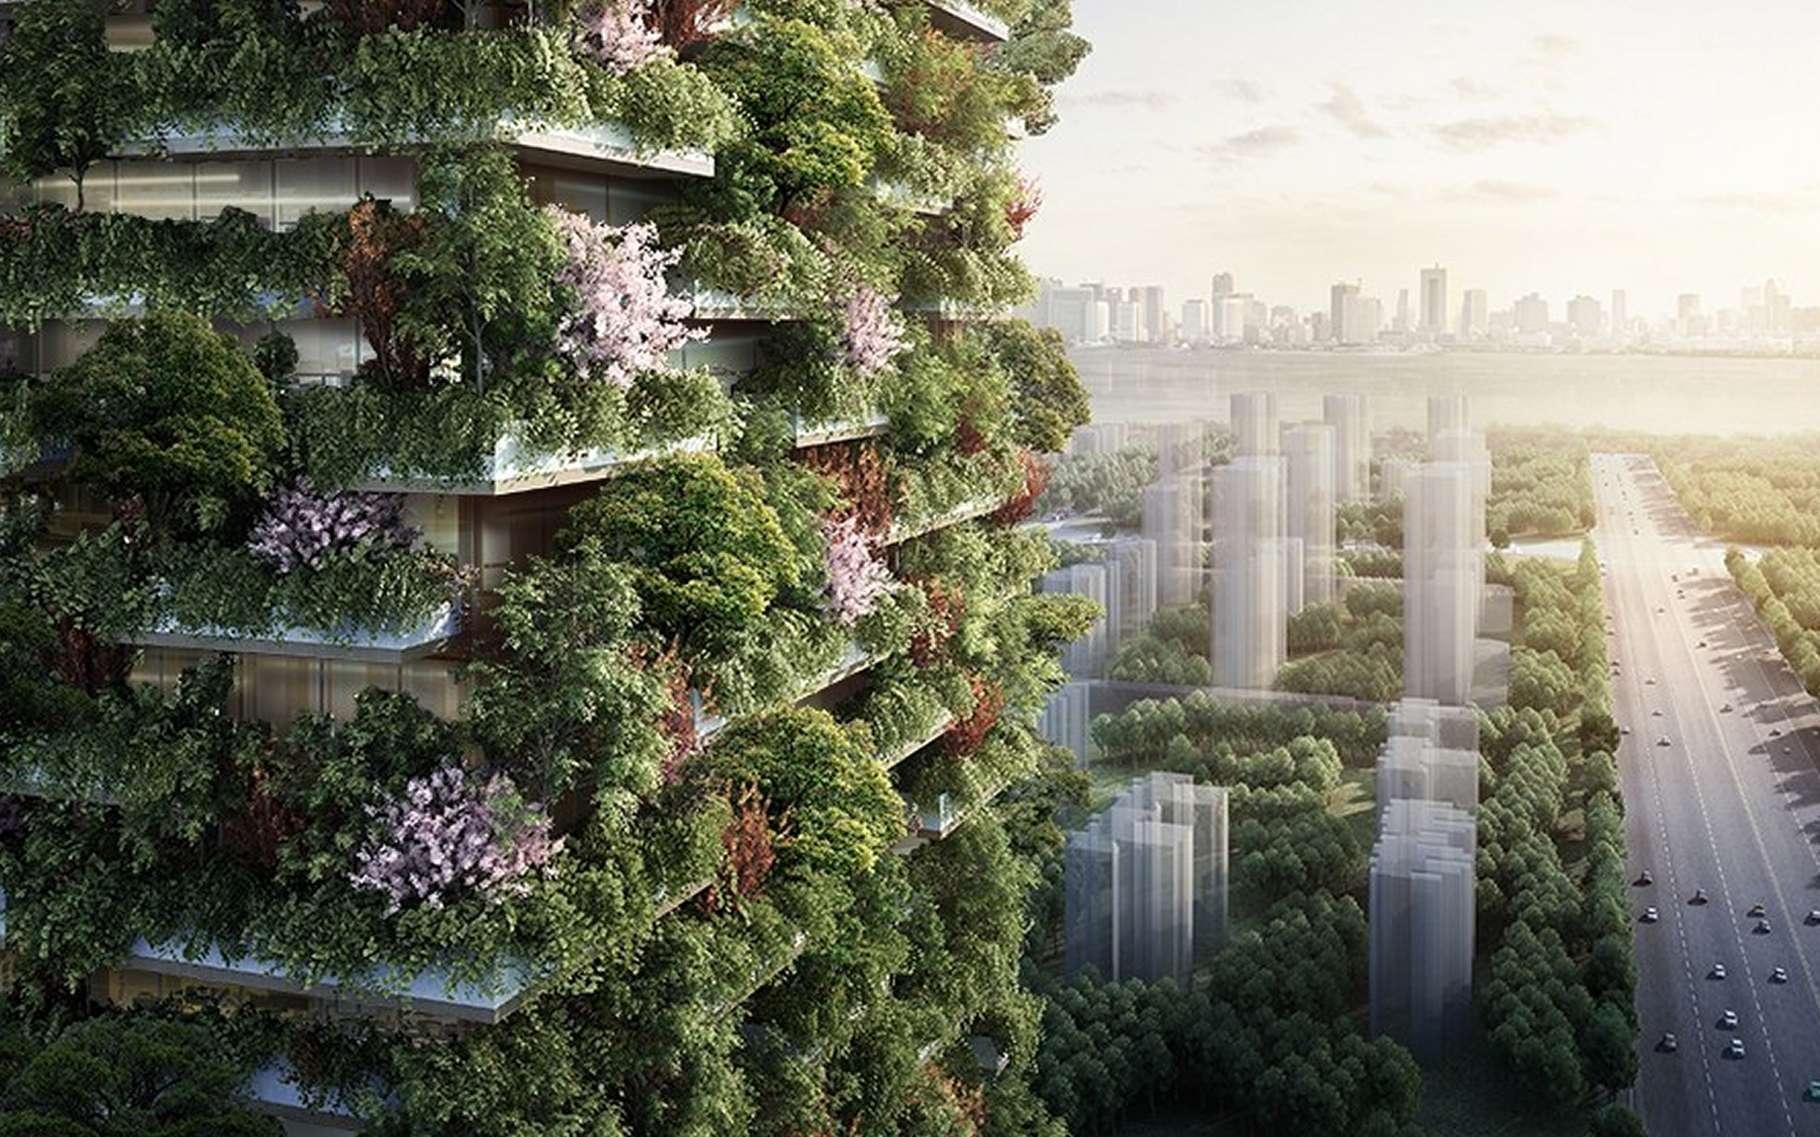 Pour réduire la pollution de l'air en ville, y amener de la végétation est une des solutions possibles. En plus des espaces verts, une idée novatrice, qui commence à se concrétiser, est d'installer des végétaux, et même des arbres, sur les immeubles eux-mêmes. © Stefano Boeri Architetti